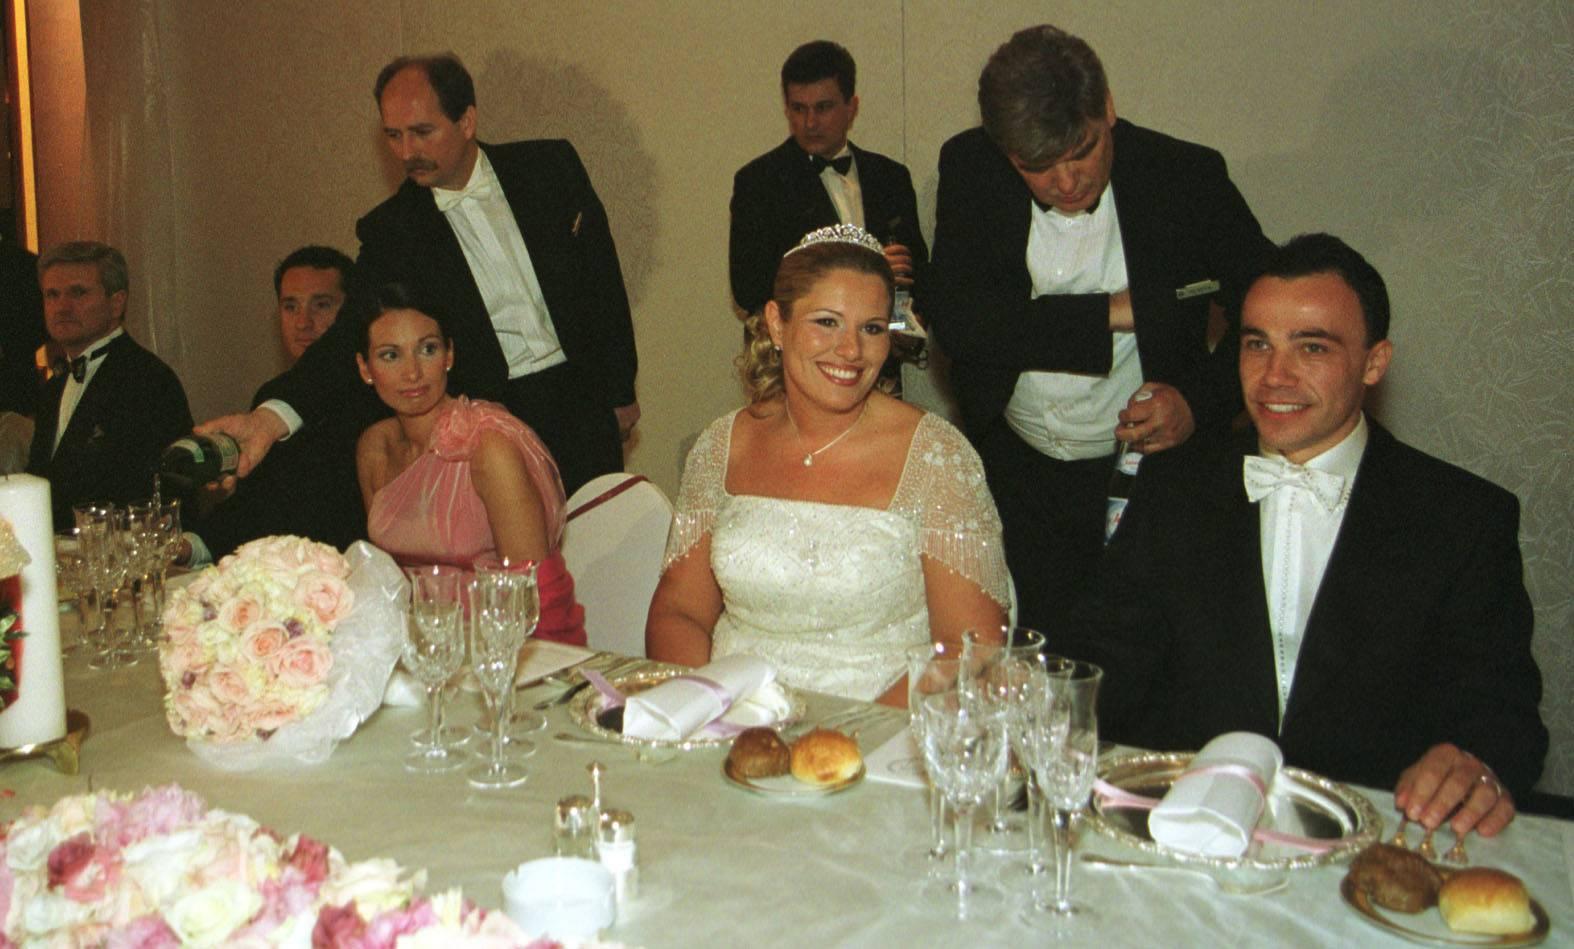 Iva i Hrvoje u blokadi: 'Sjeli' su joj na vilu, a njemu na račune